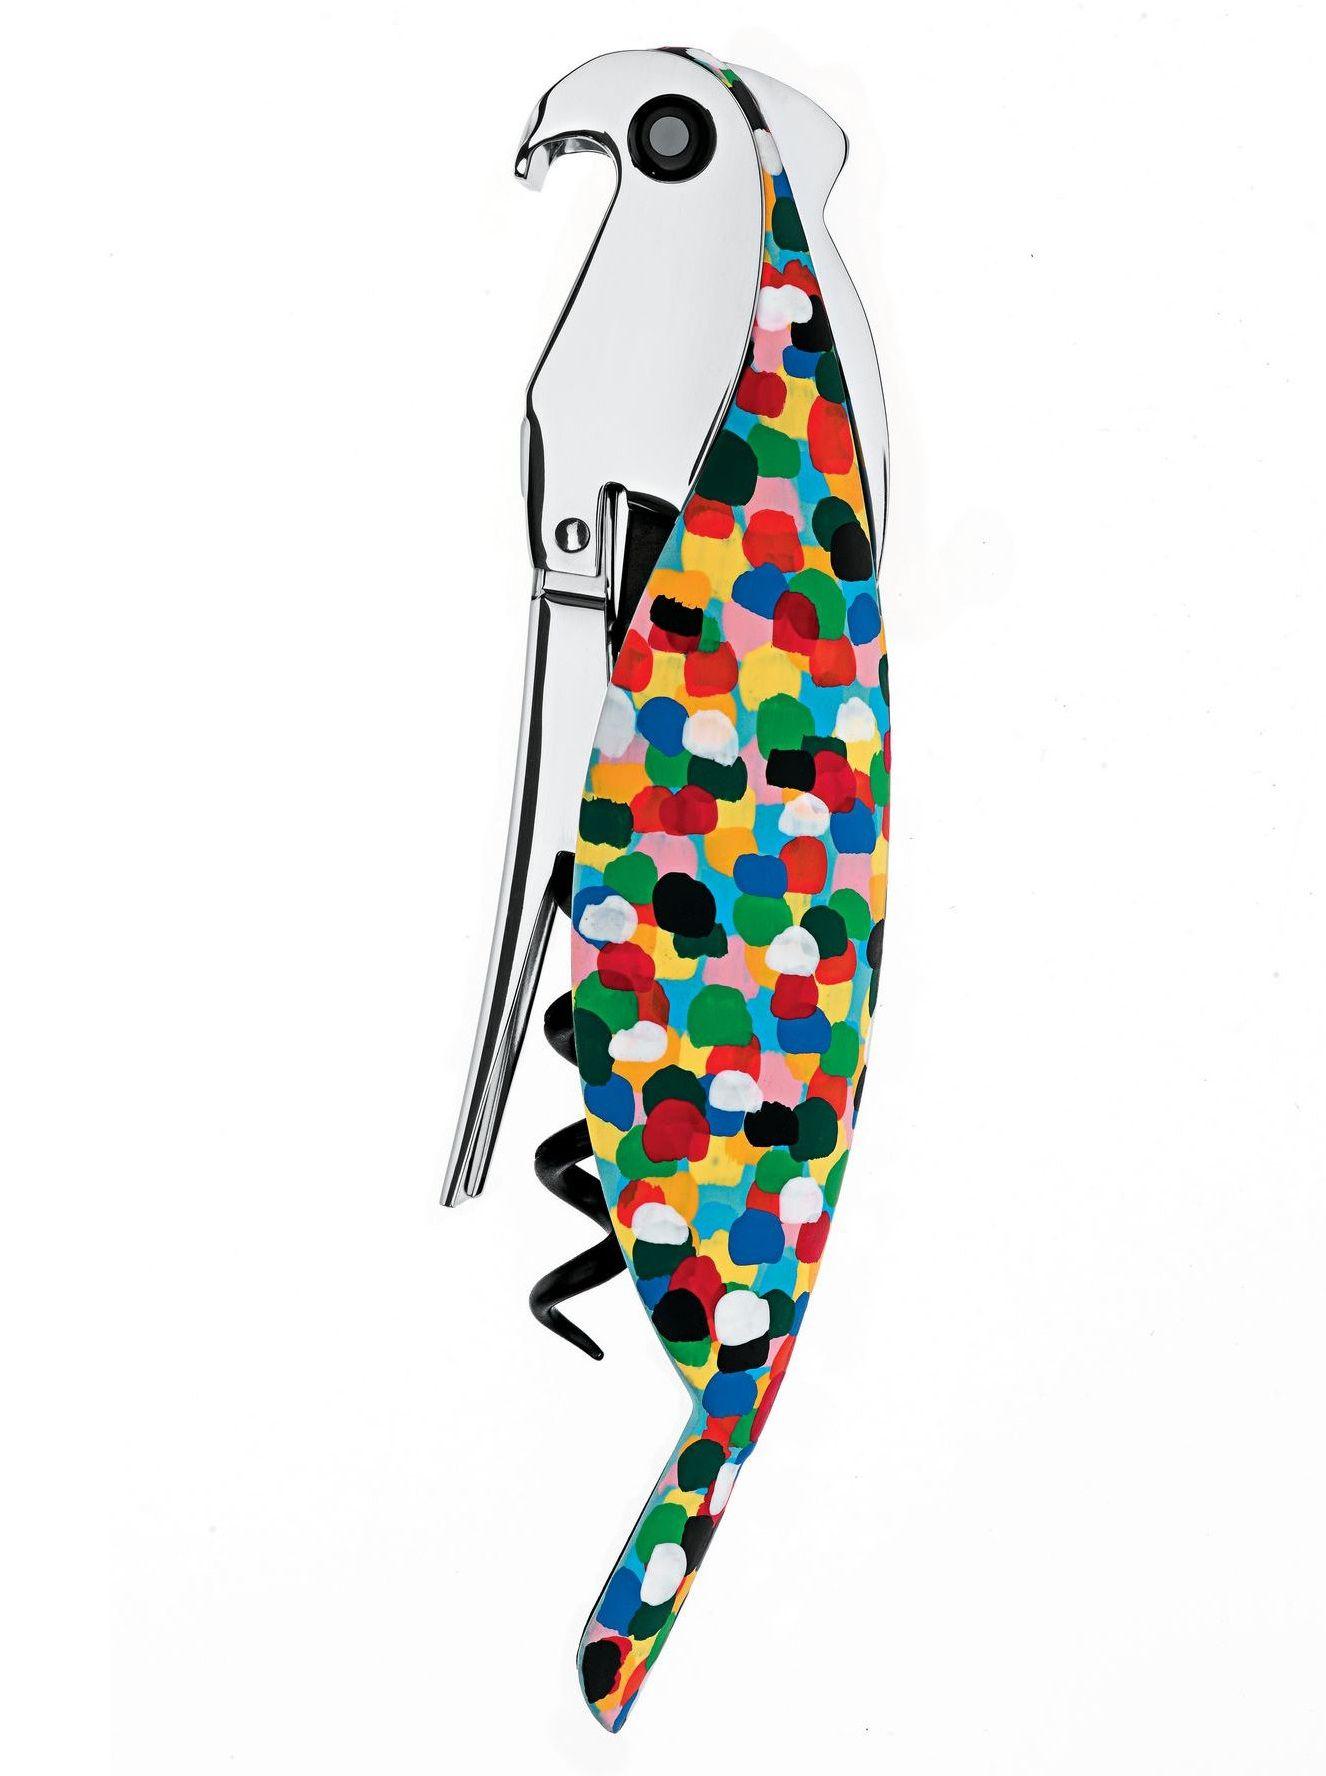 Alessi Kurkentrekker Parrot